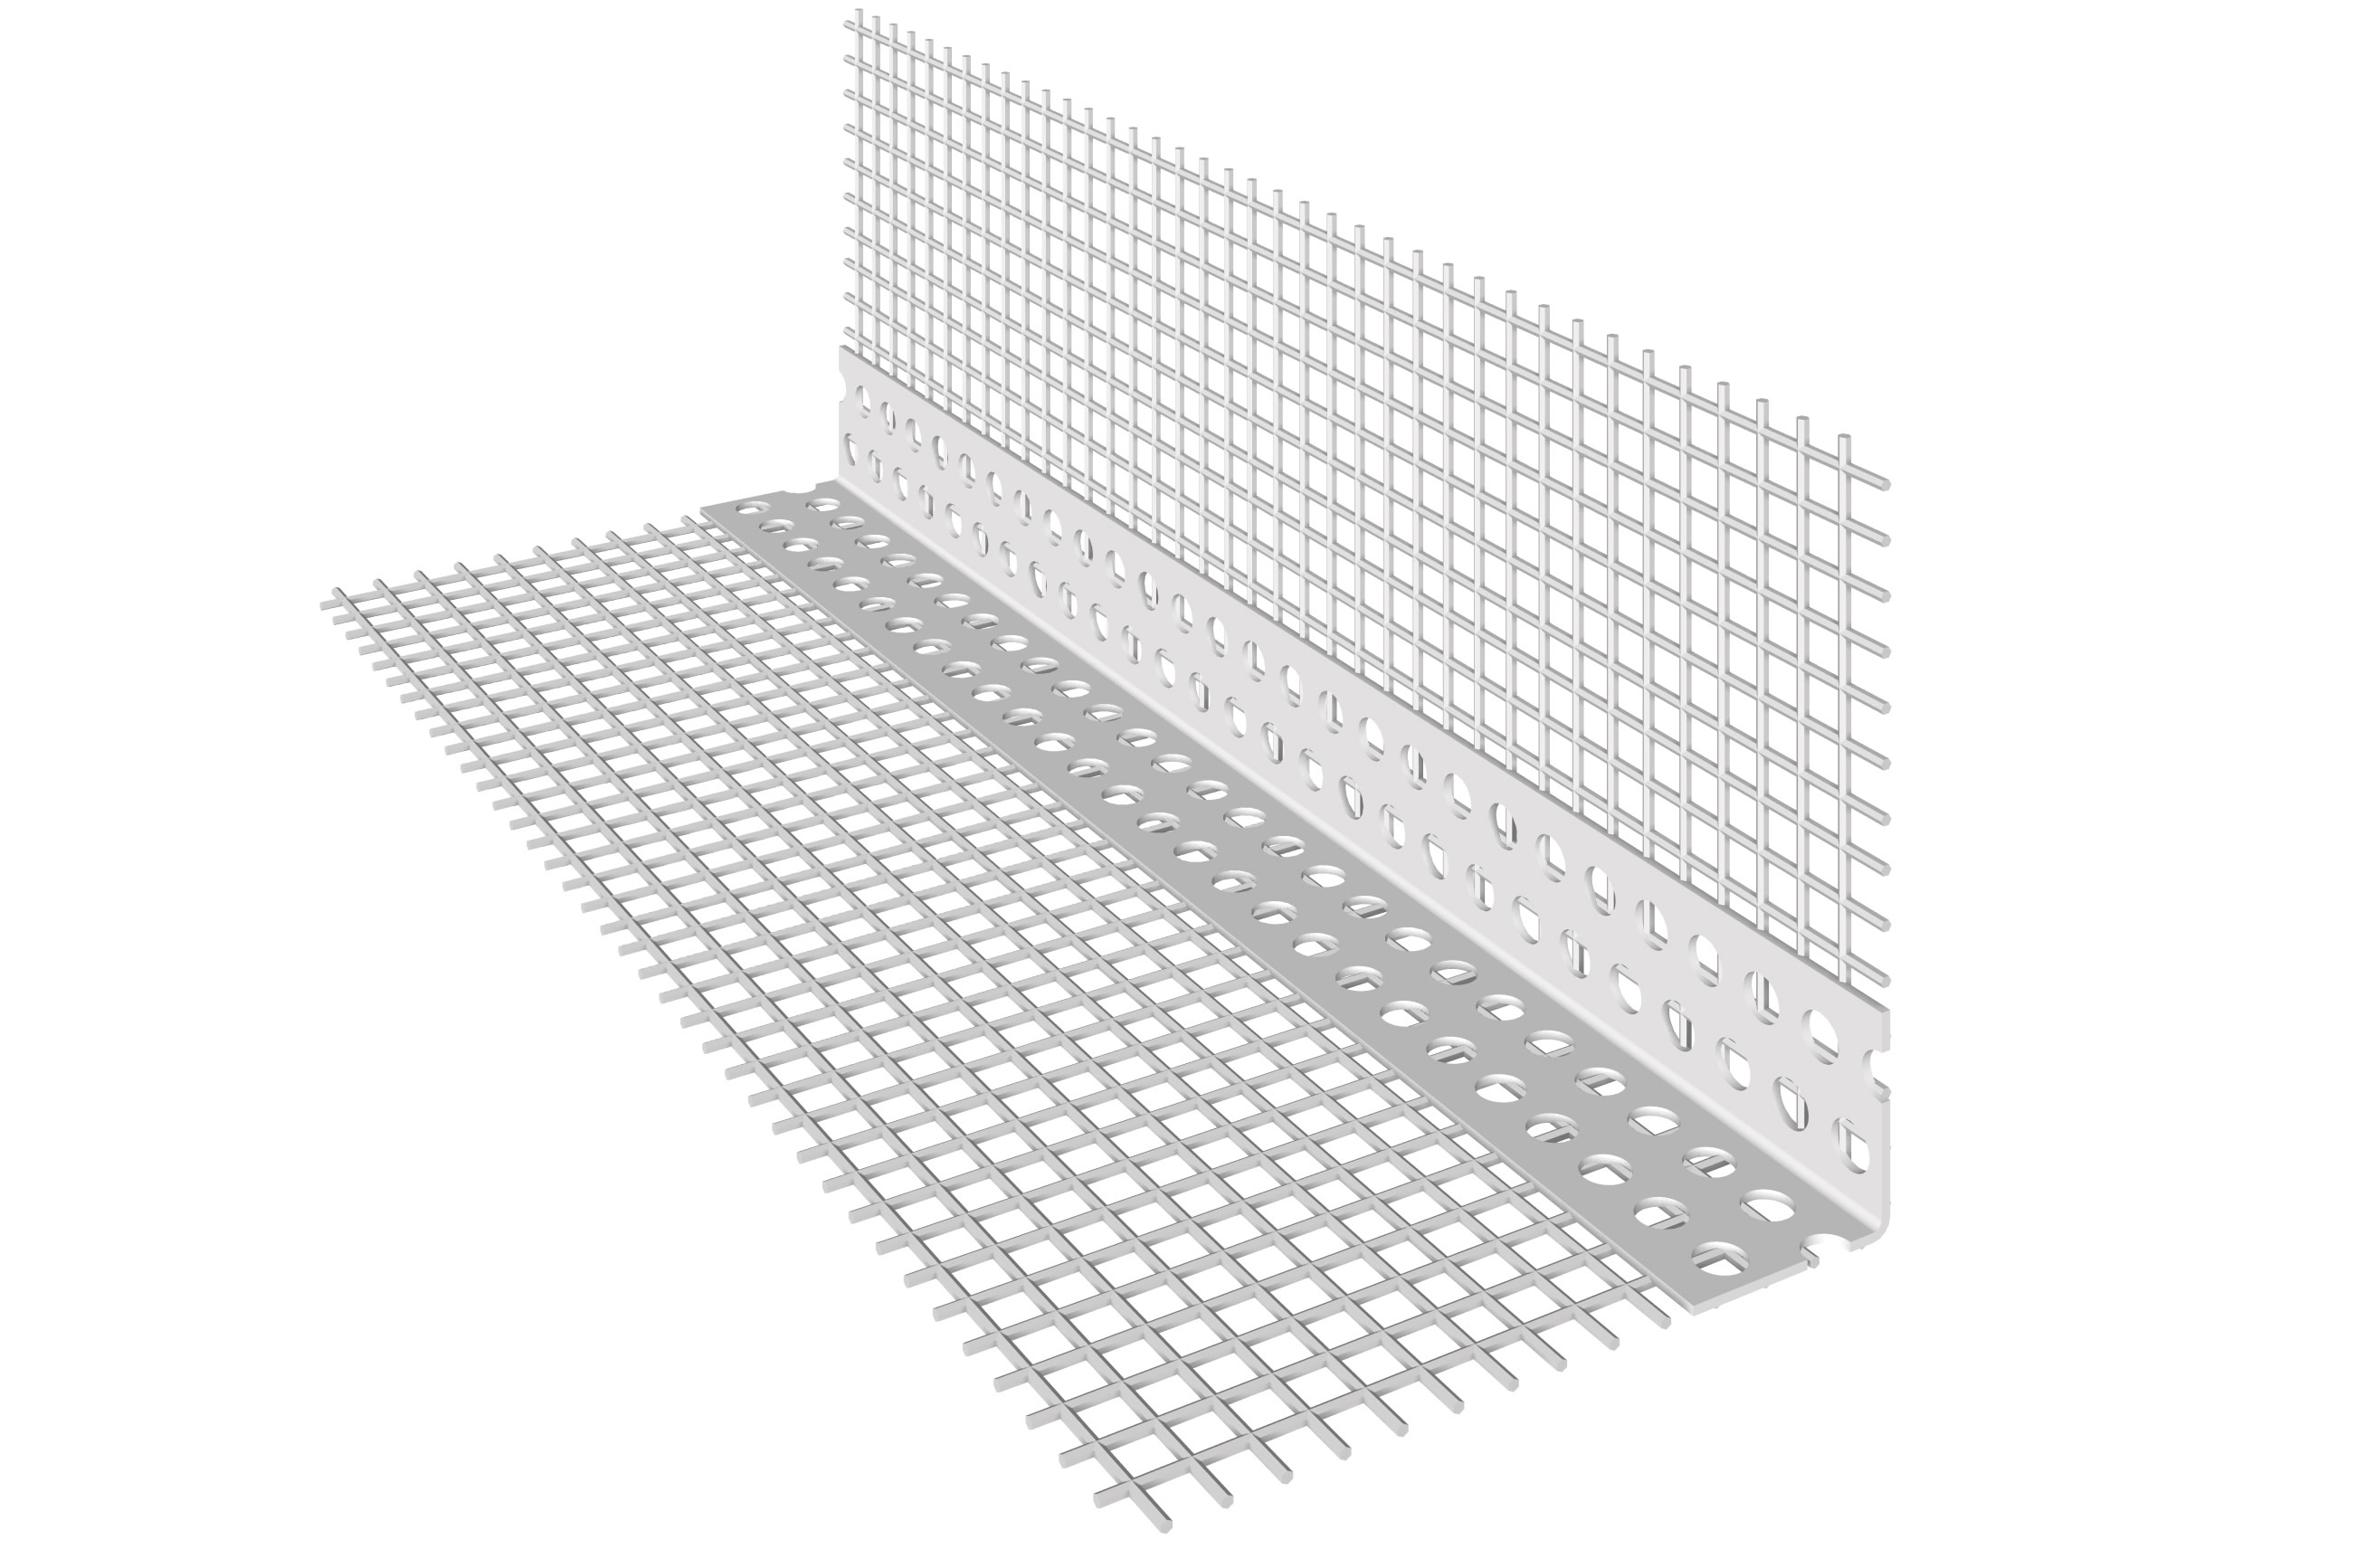 PARASPIGOLO IN PVC: Paraspigolo in PVC con rete in fibra di vetro preincollata